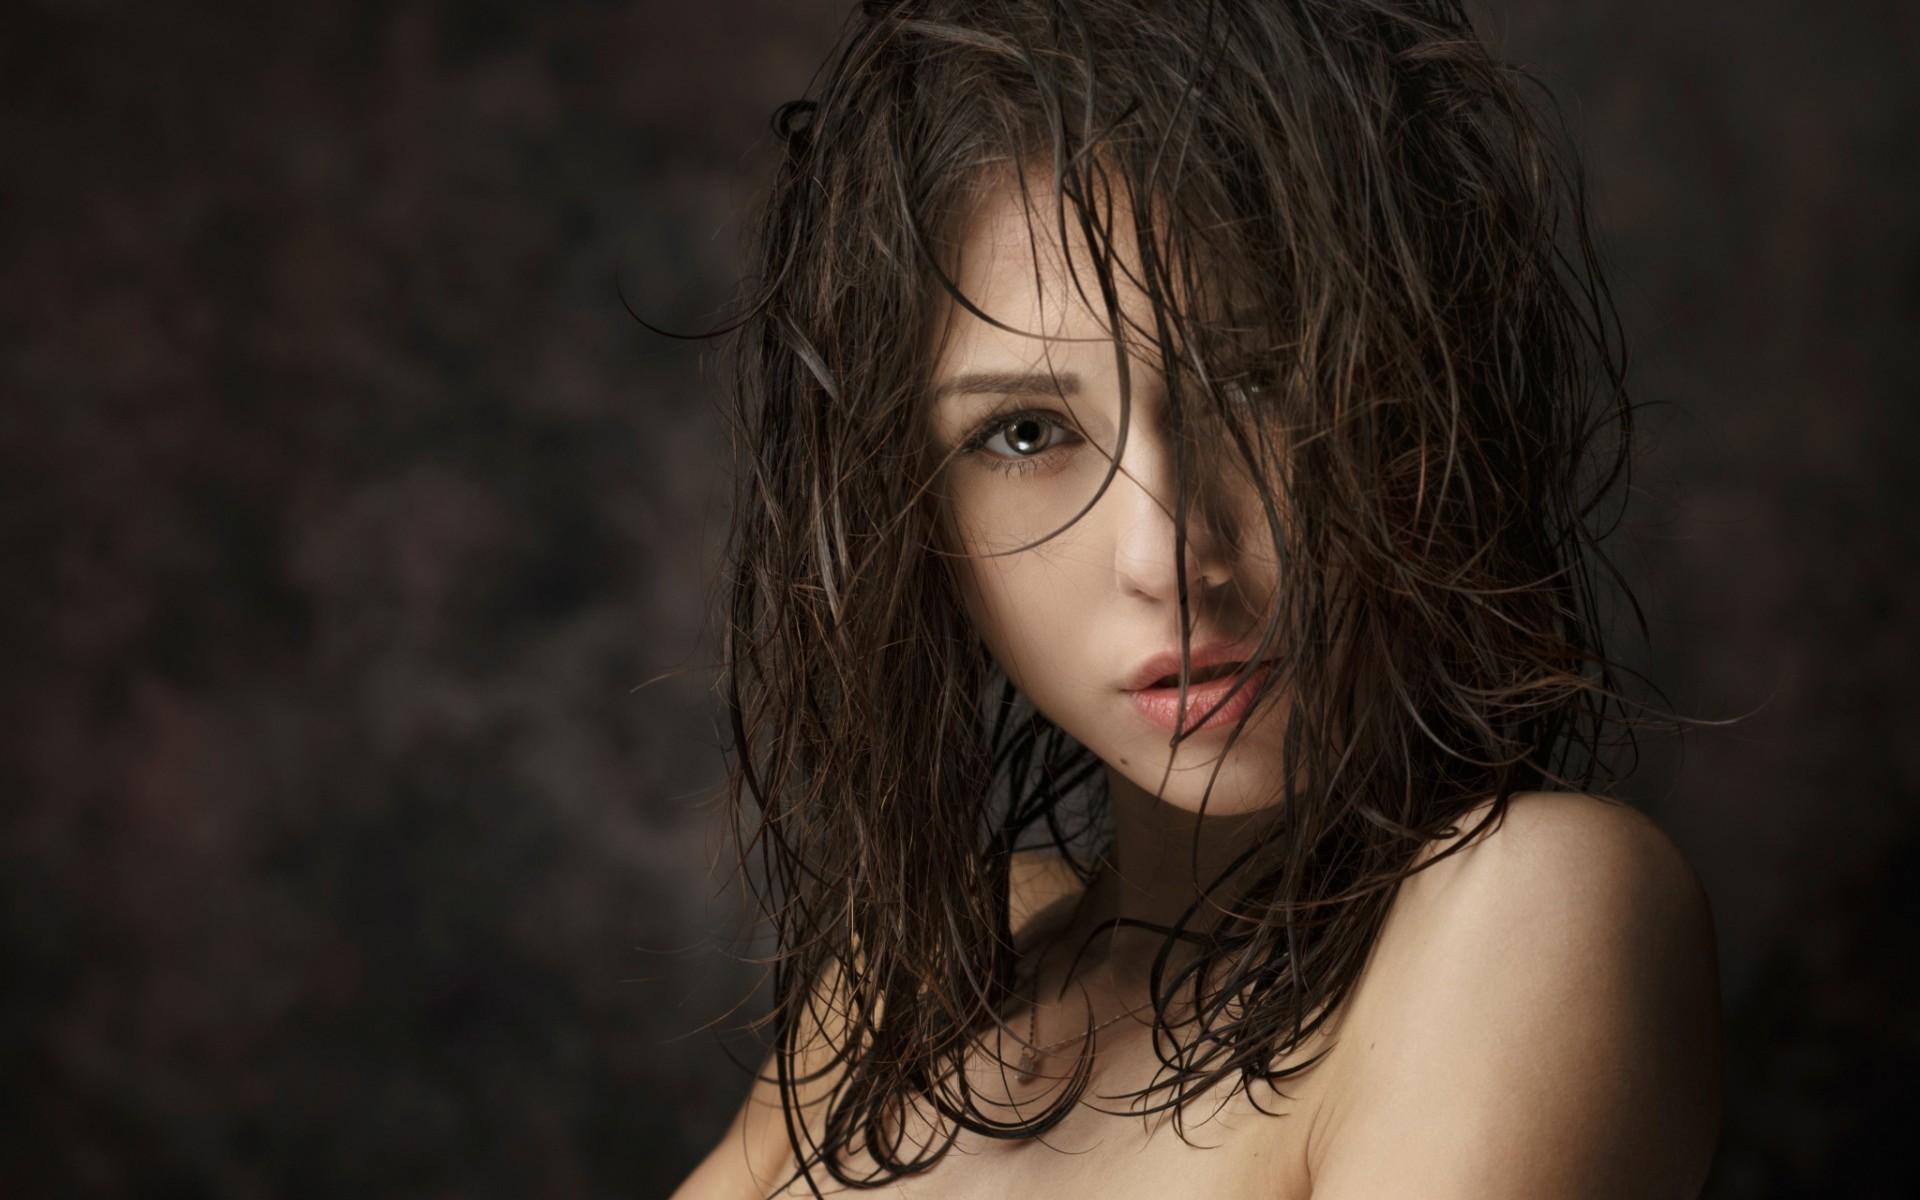 Телочки с волосами, Волосатые киски - Смотреть порно онлайн, секс видео 1 фотография